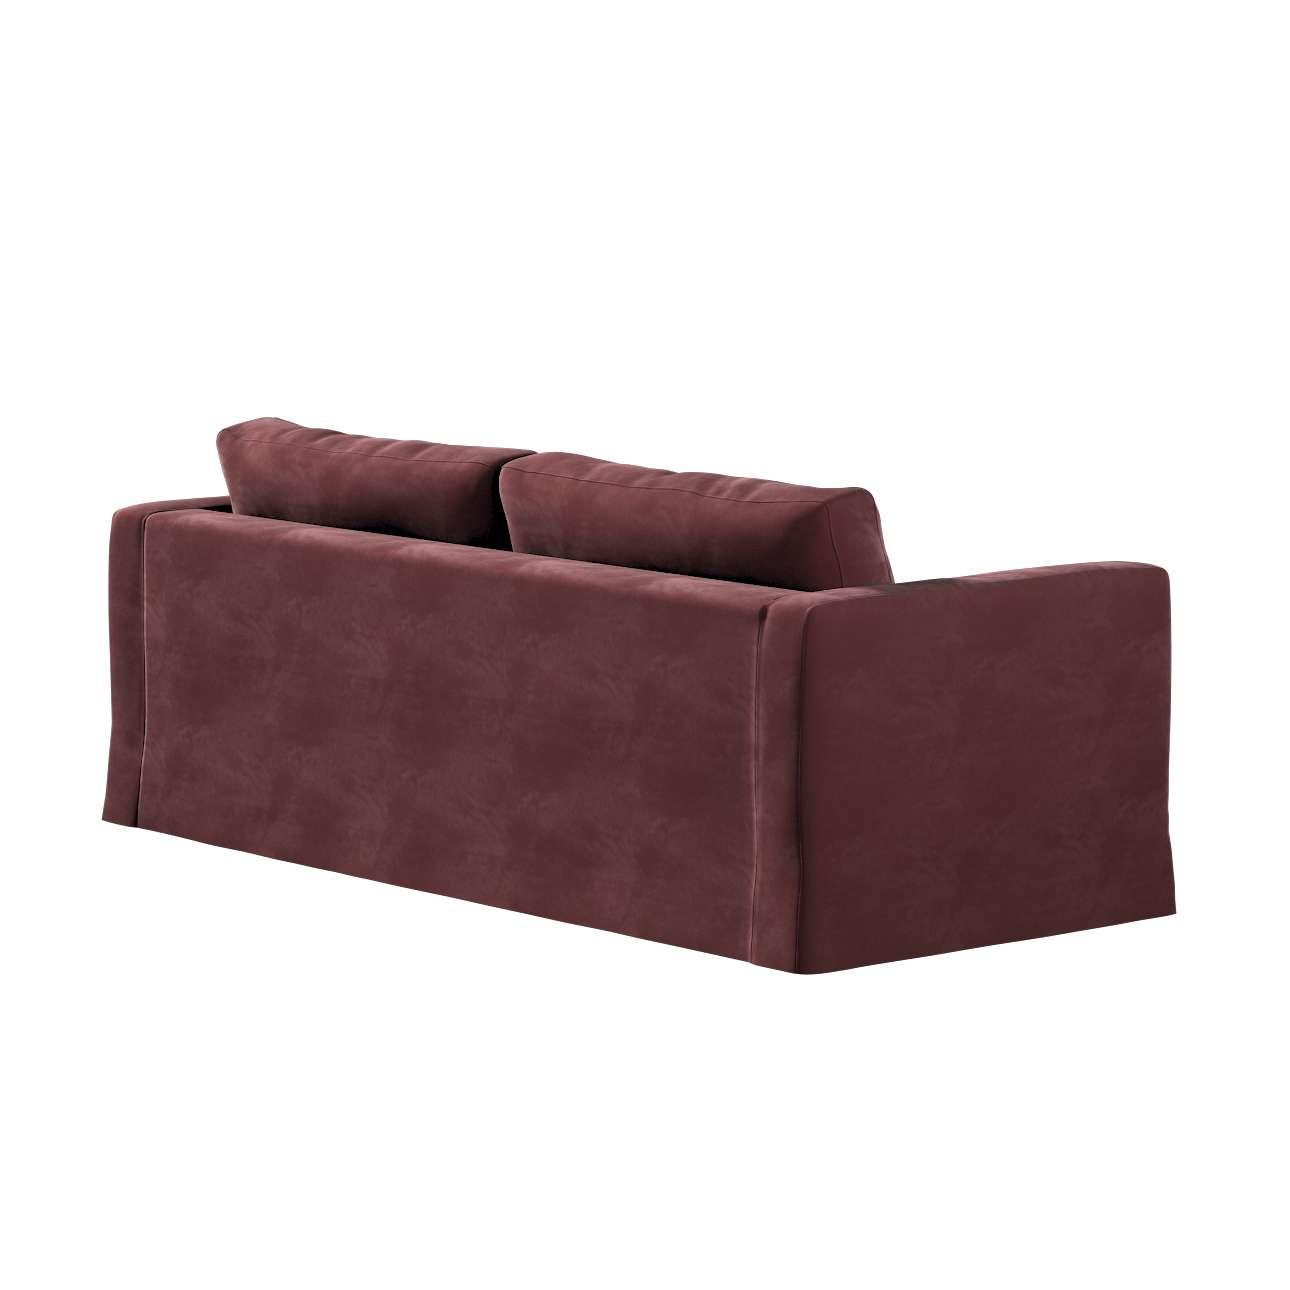 Pokrowiec na sofę Karlstad 3-osobową nierozkładaną, długi w kolekcji Velvet, tkanina: 704-26